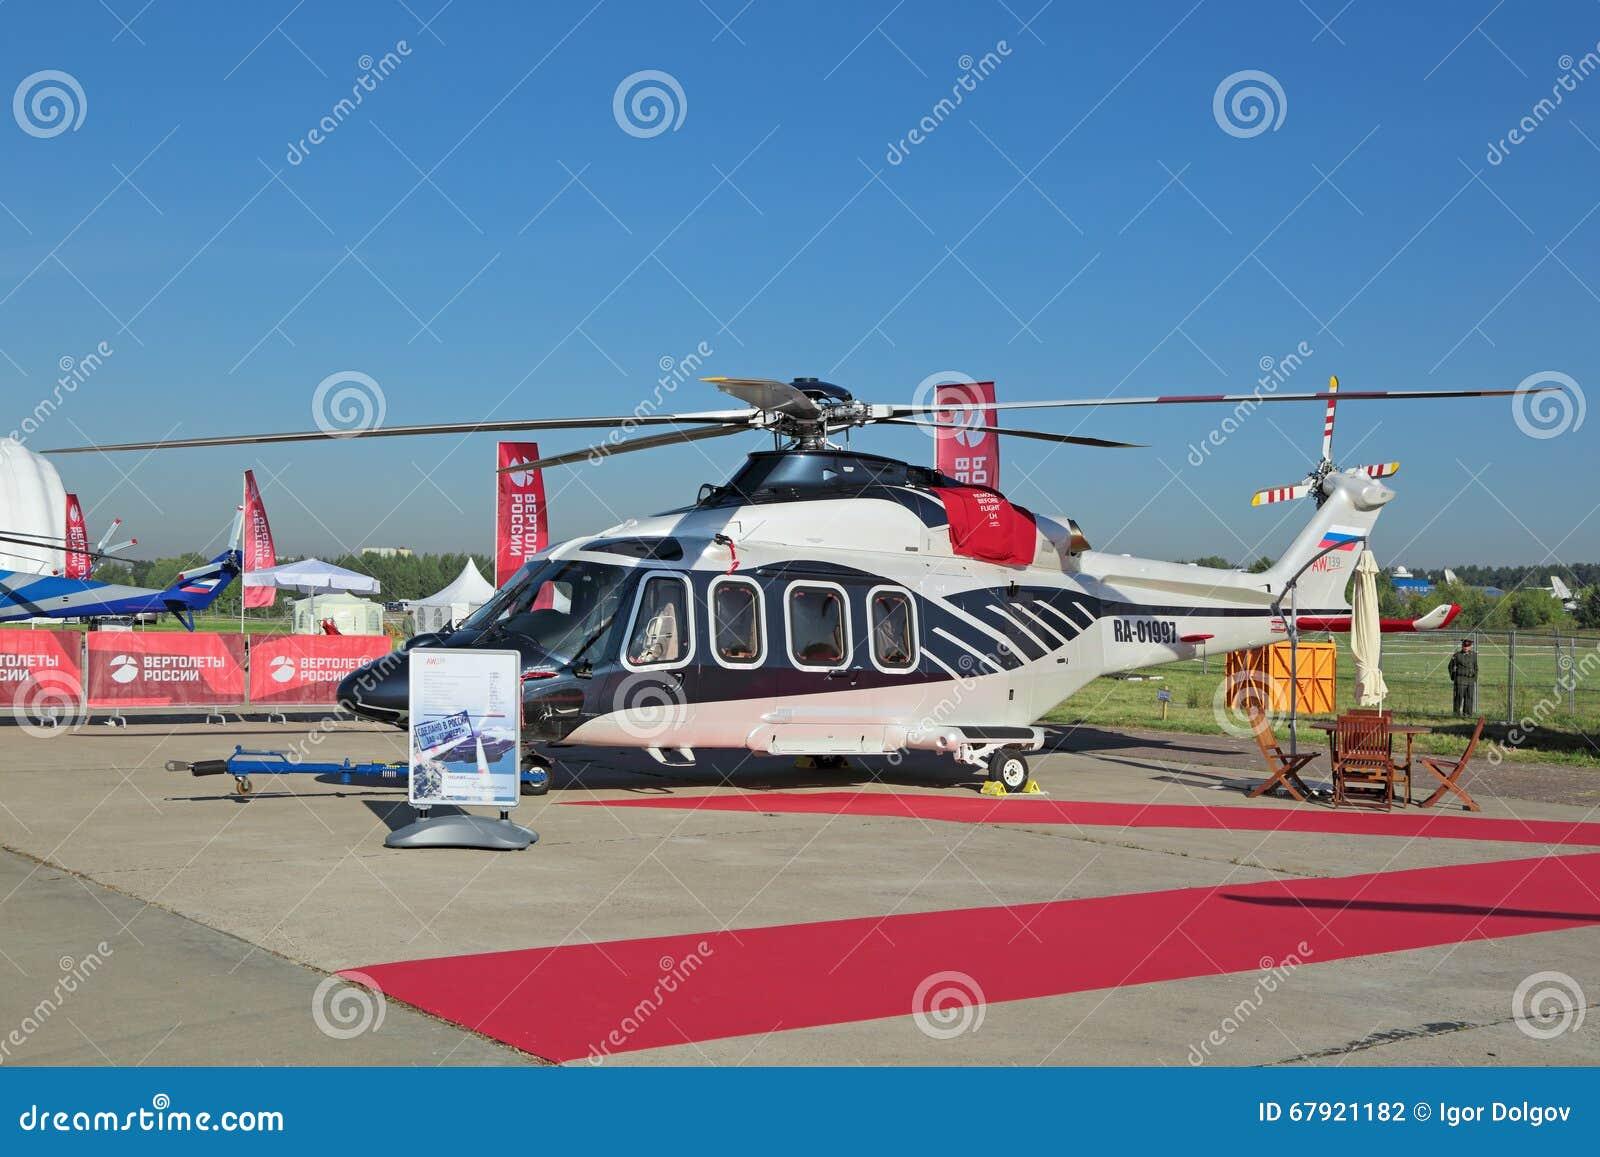 Elicottero 139 : Elicottero di agustawestland aw139 fotografia editoriale immagine